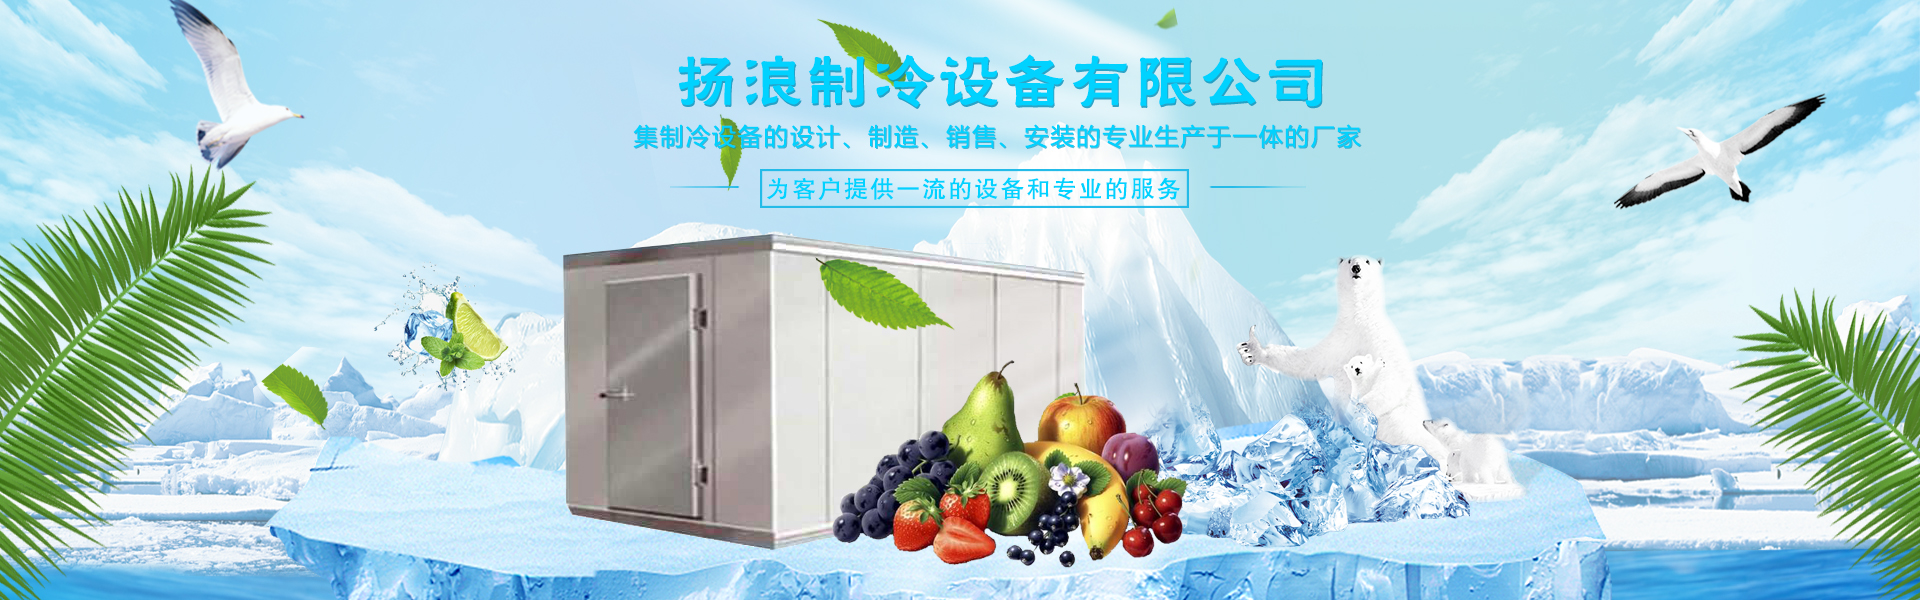 成都专业制冷设备安装